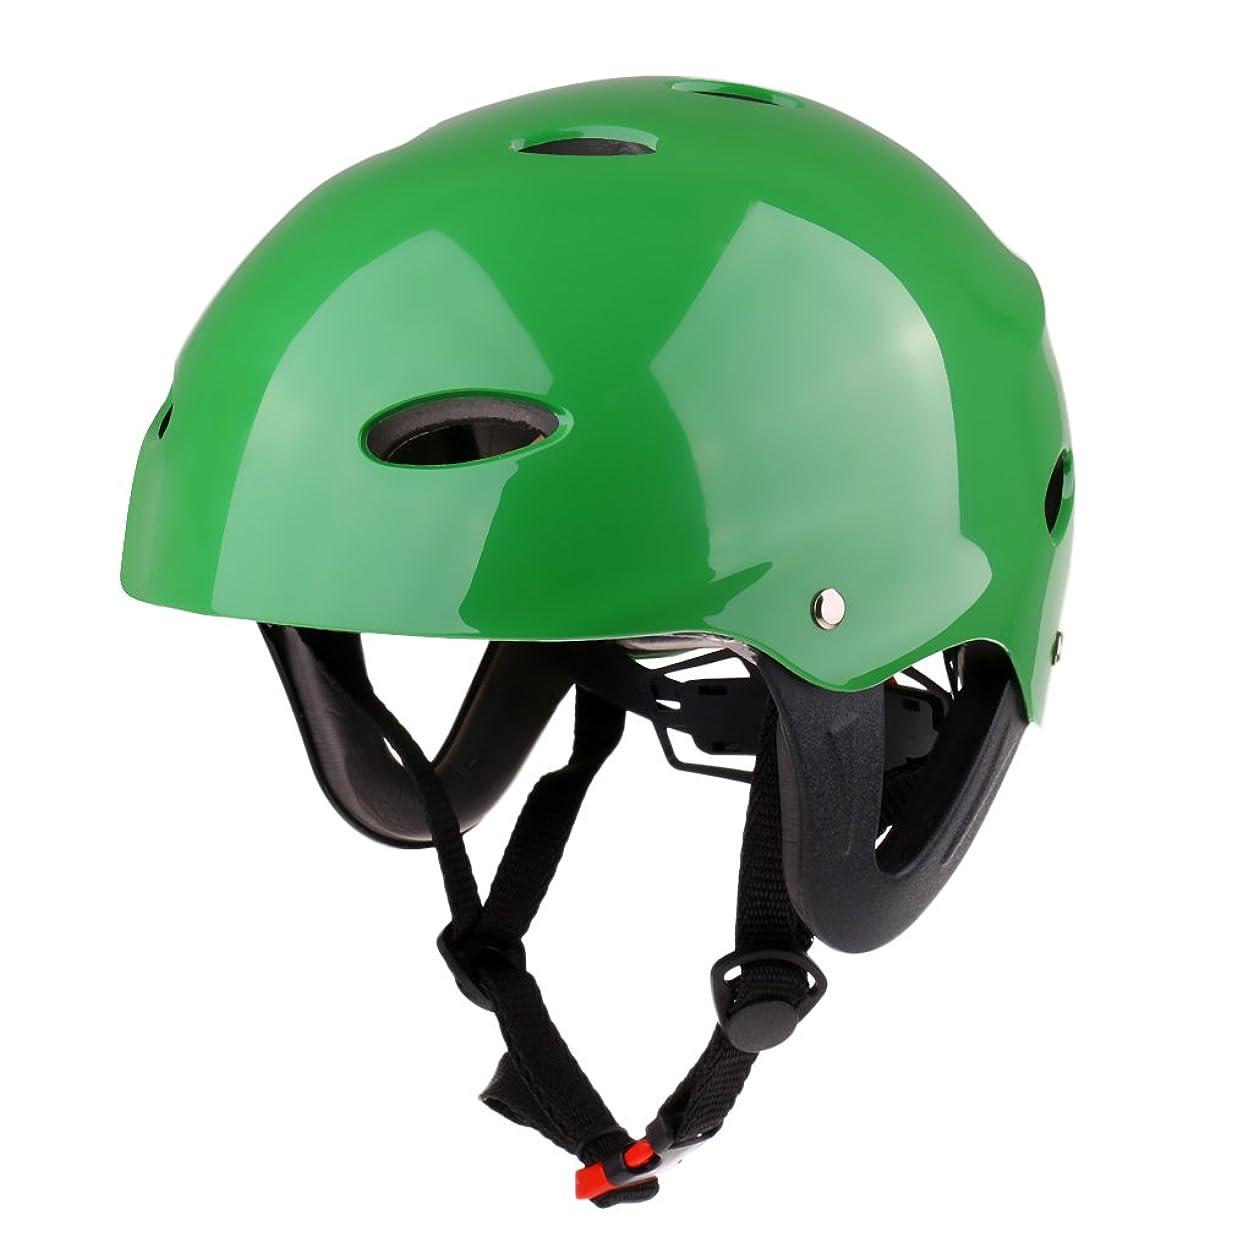 謎チョーク魅惑的なFlameer ウェイクボード カヤック カヌー ボート サーフに適用 ウォータースポーツ 安全ヘルメット 全2サイズ3色